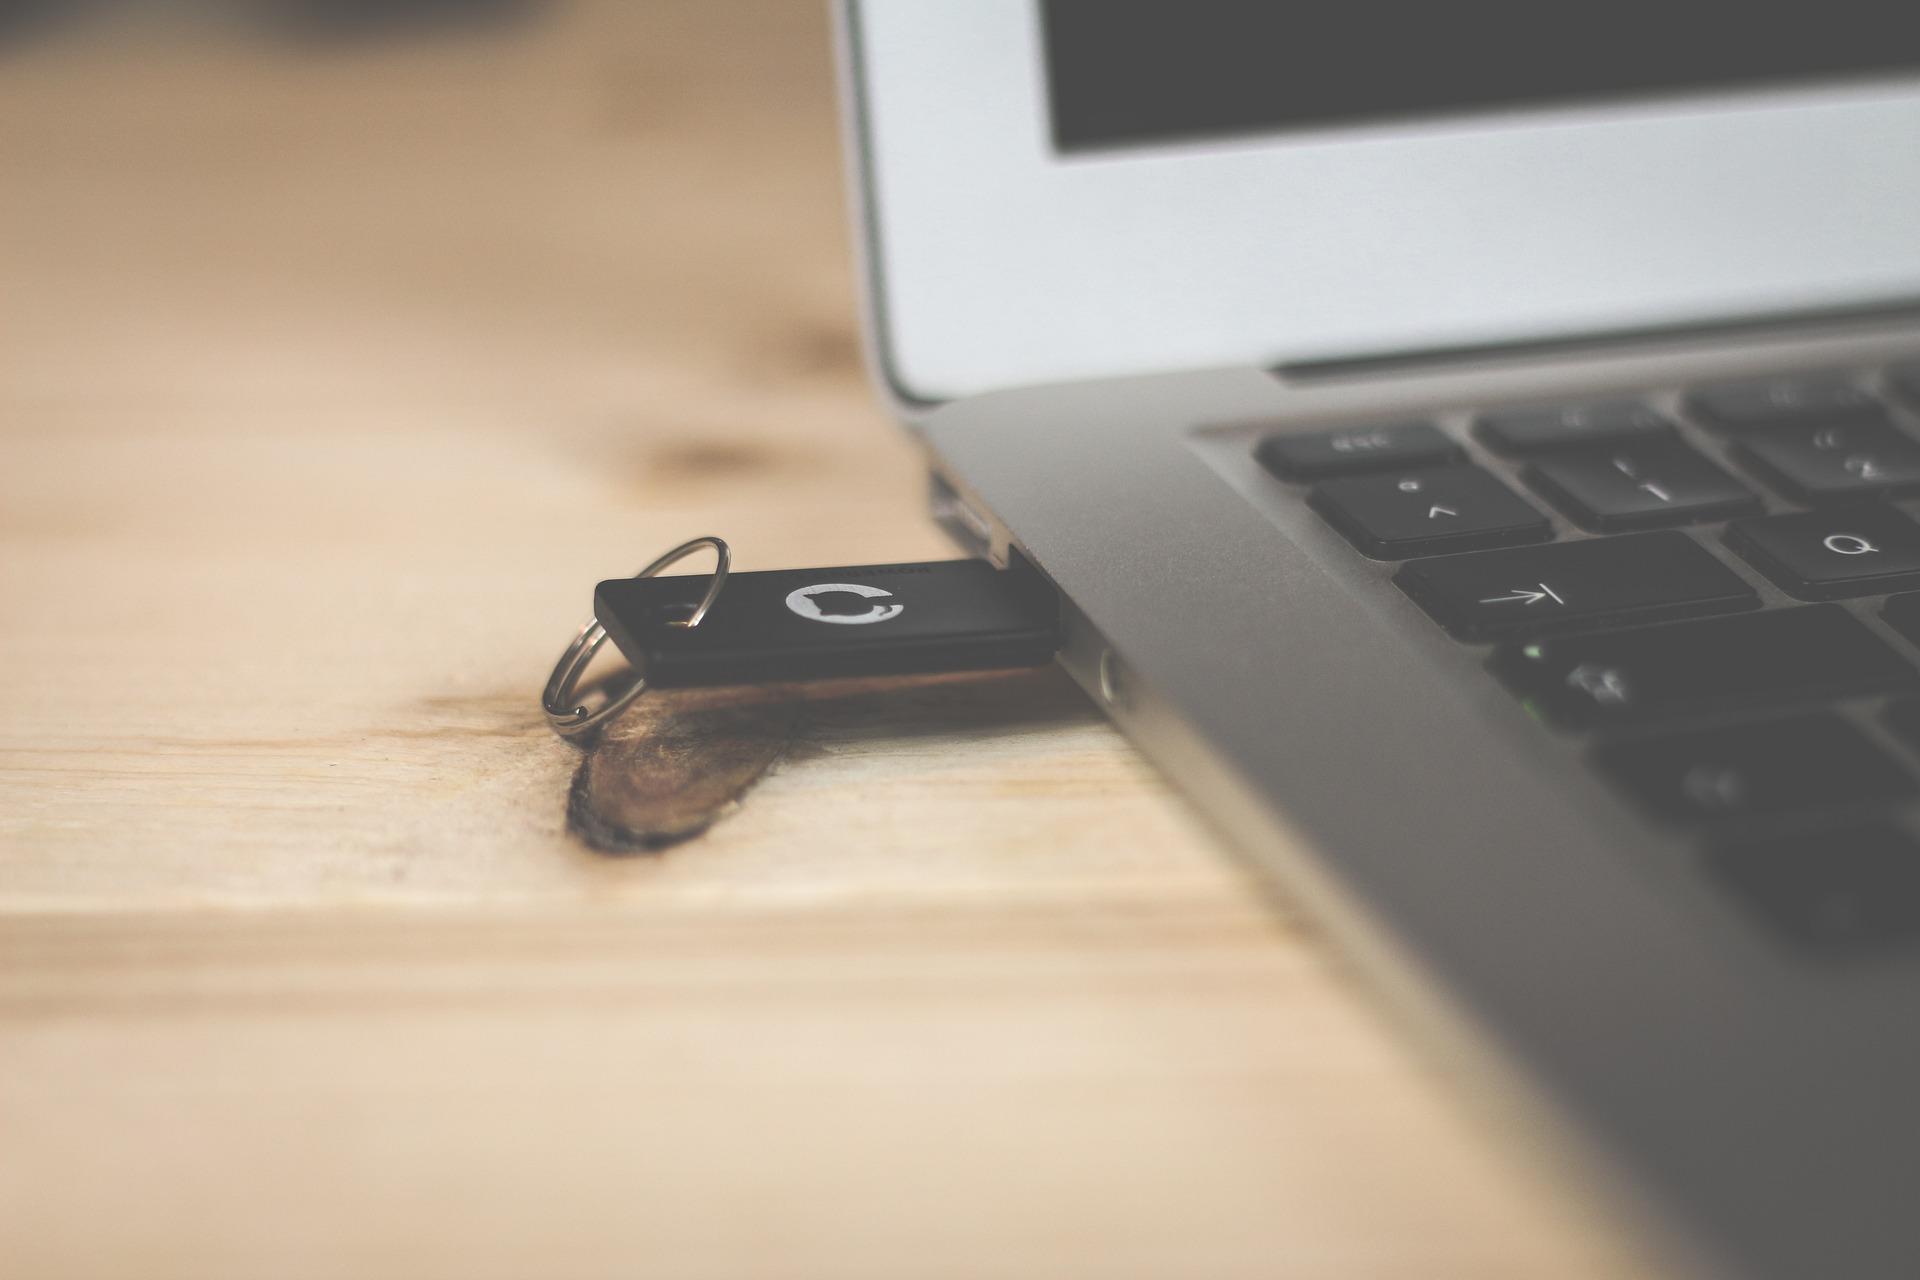 proteggere i dati delle chiavette USB